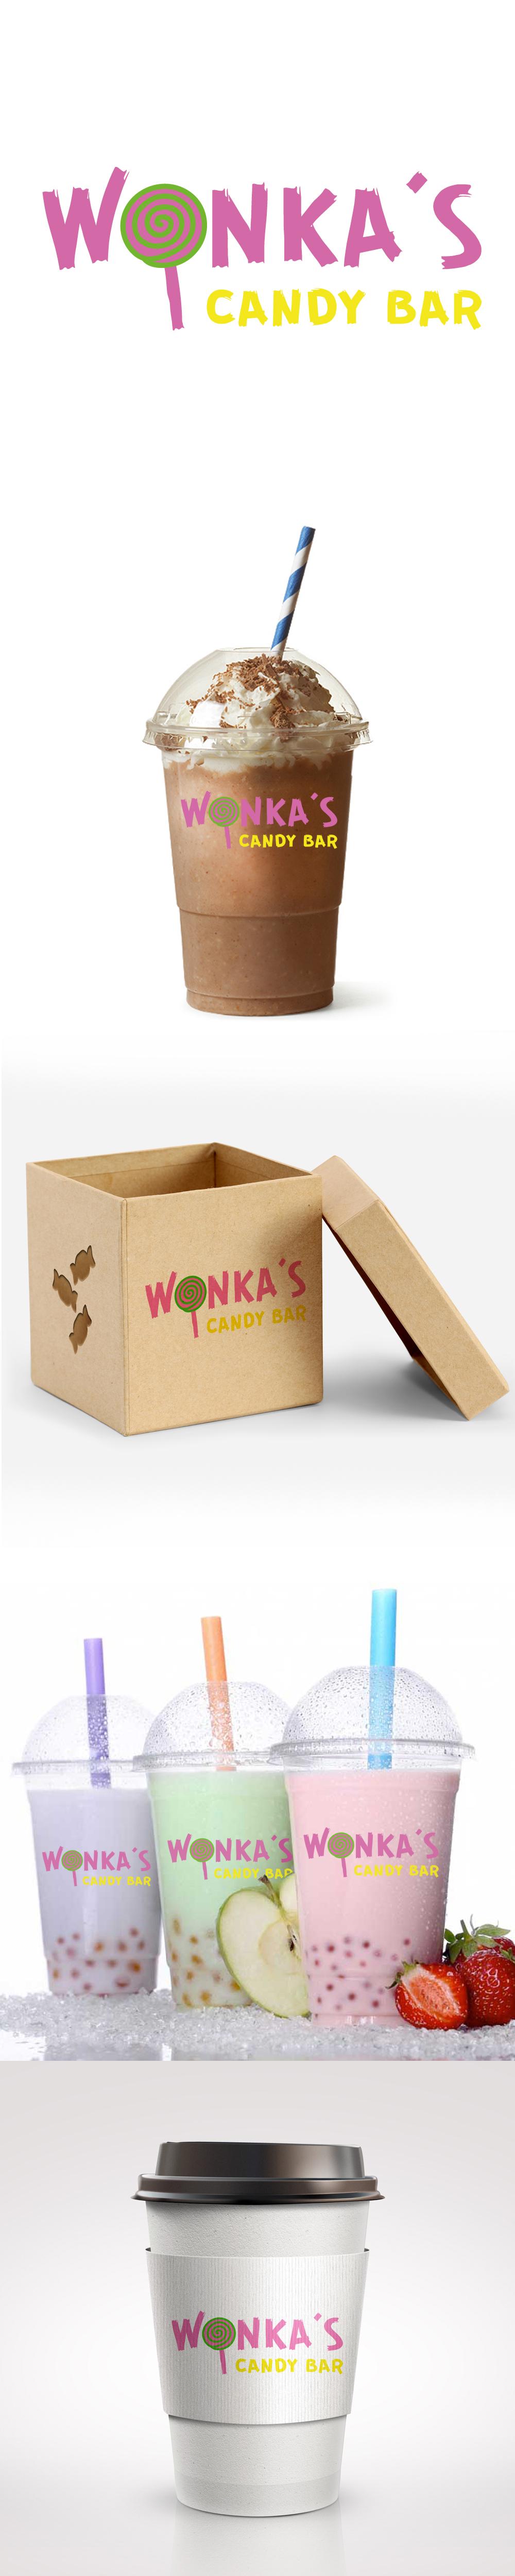 Разработка логотипа магазина сладостей со всего мира. фото f_9645a2abdb7ba1df.jpg